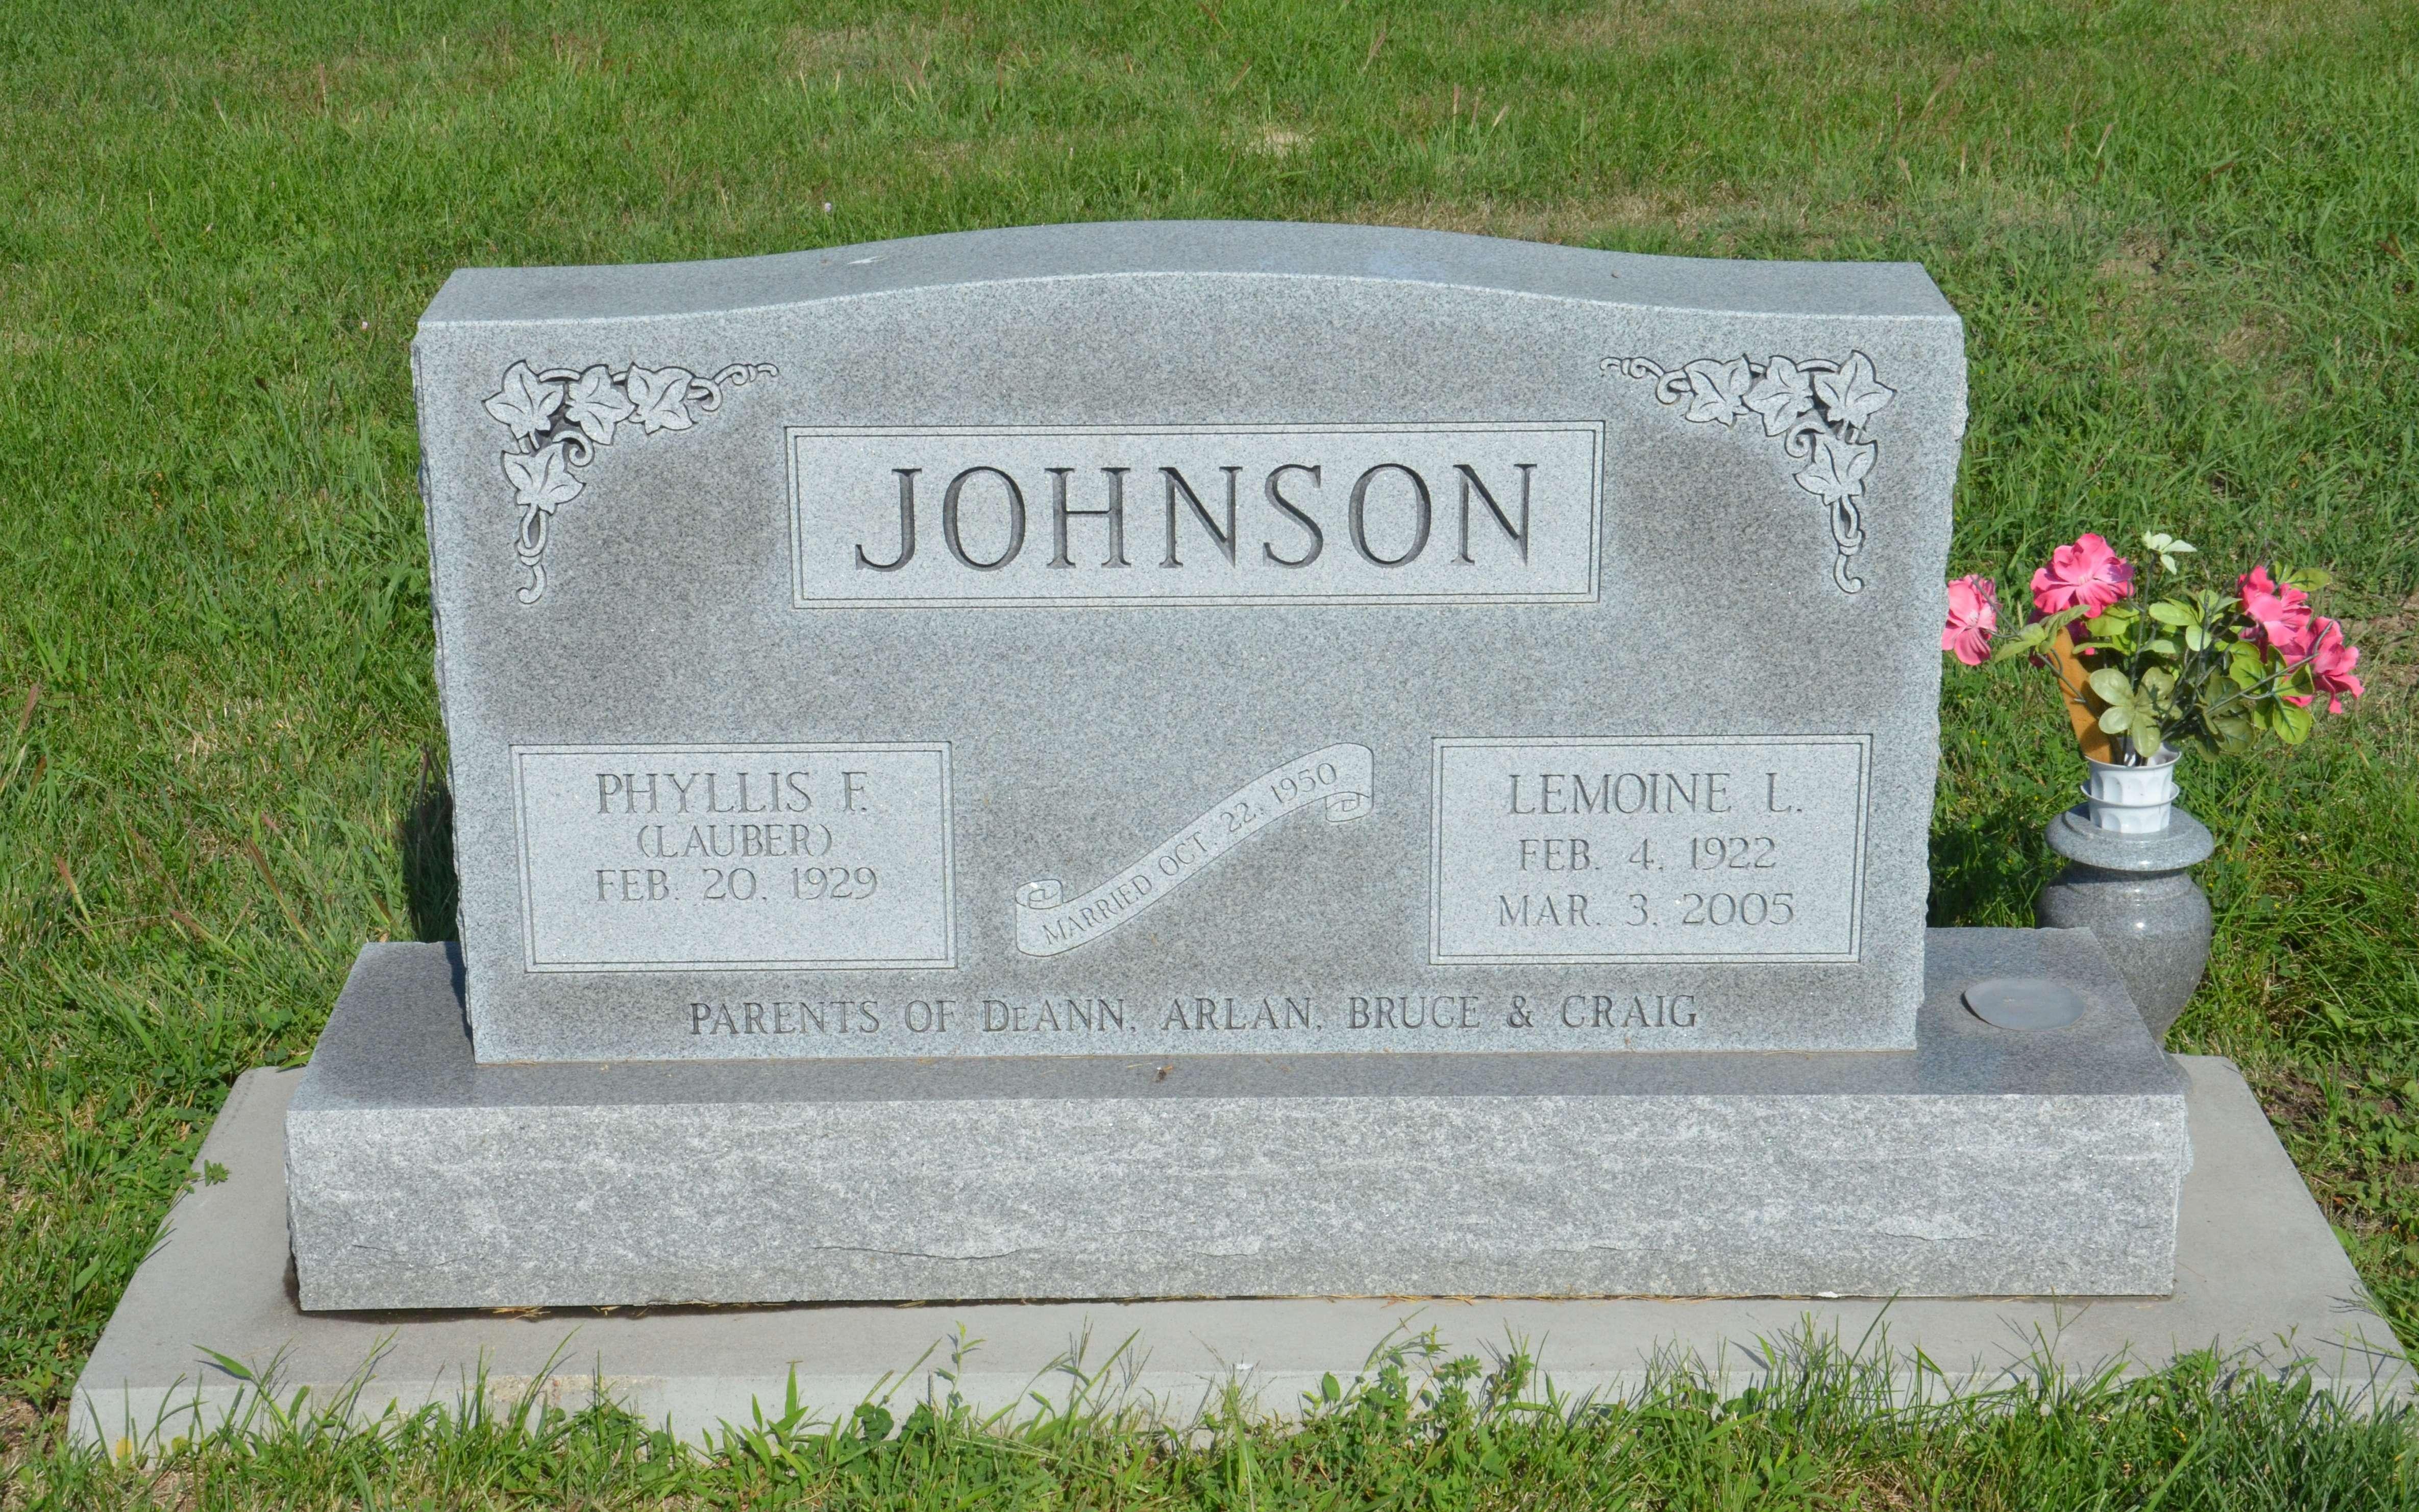 Lemoine L. Johnson